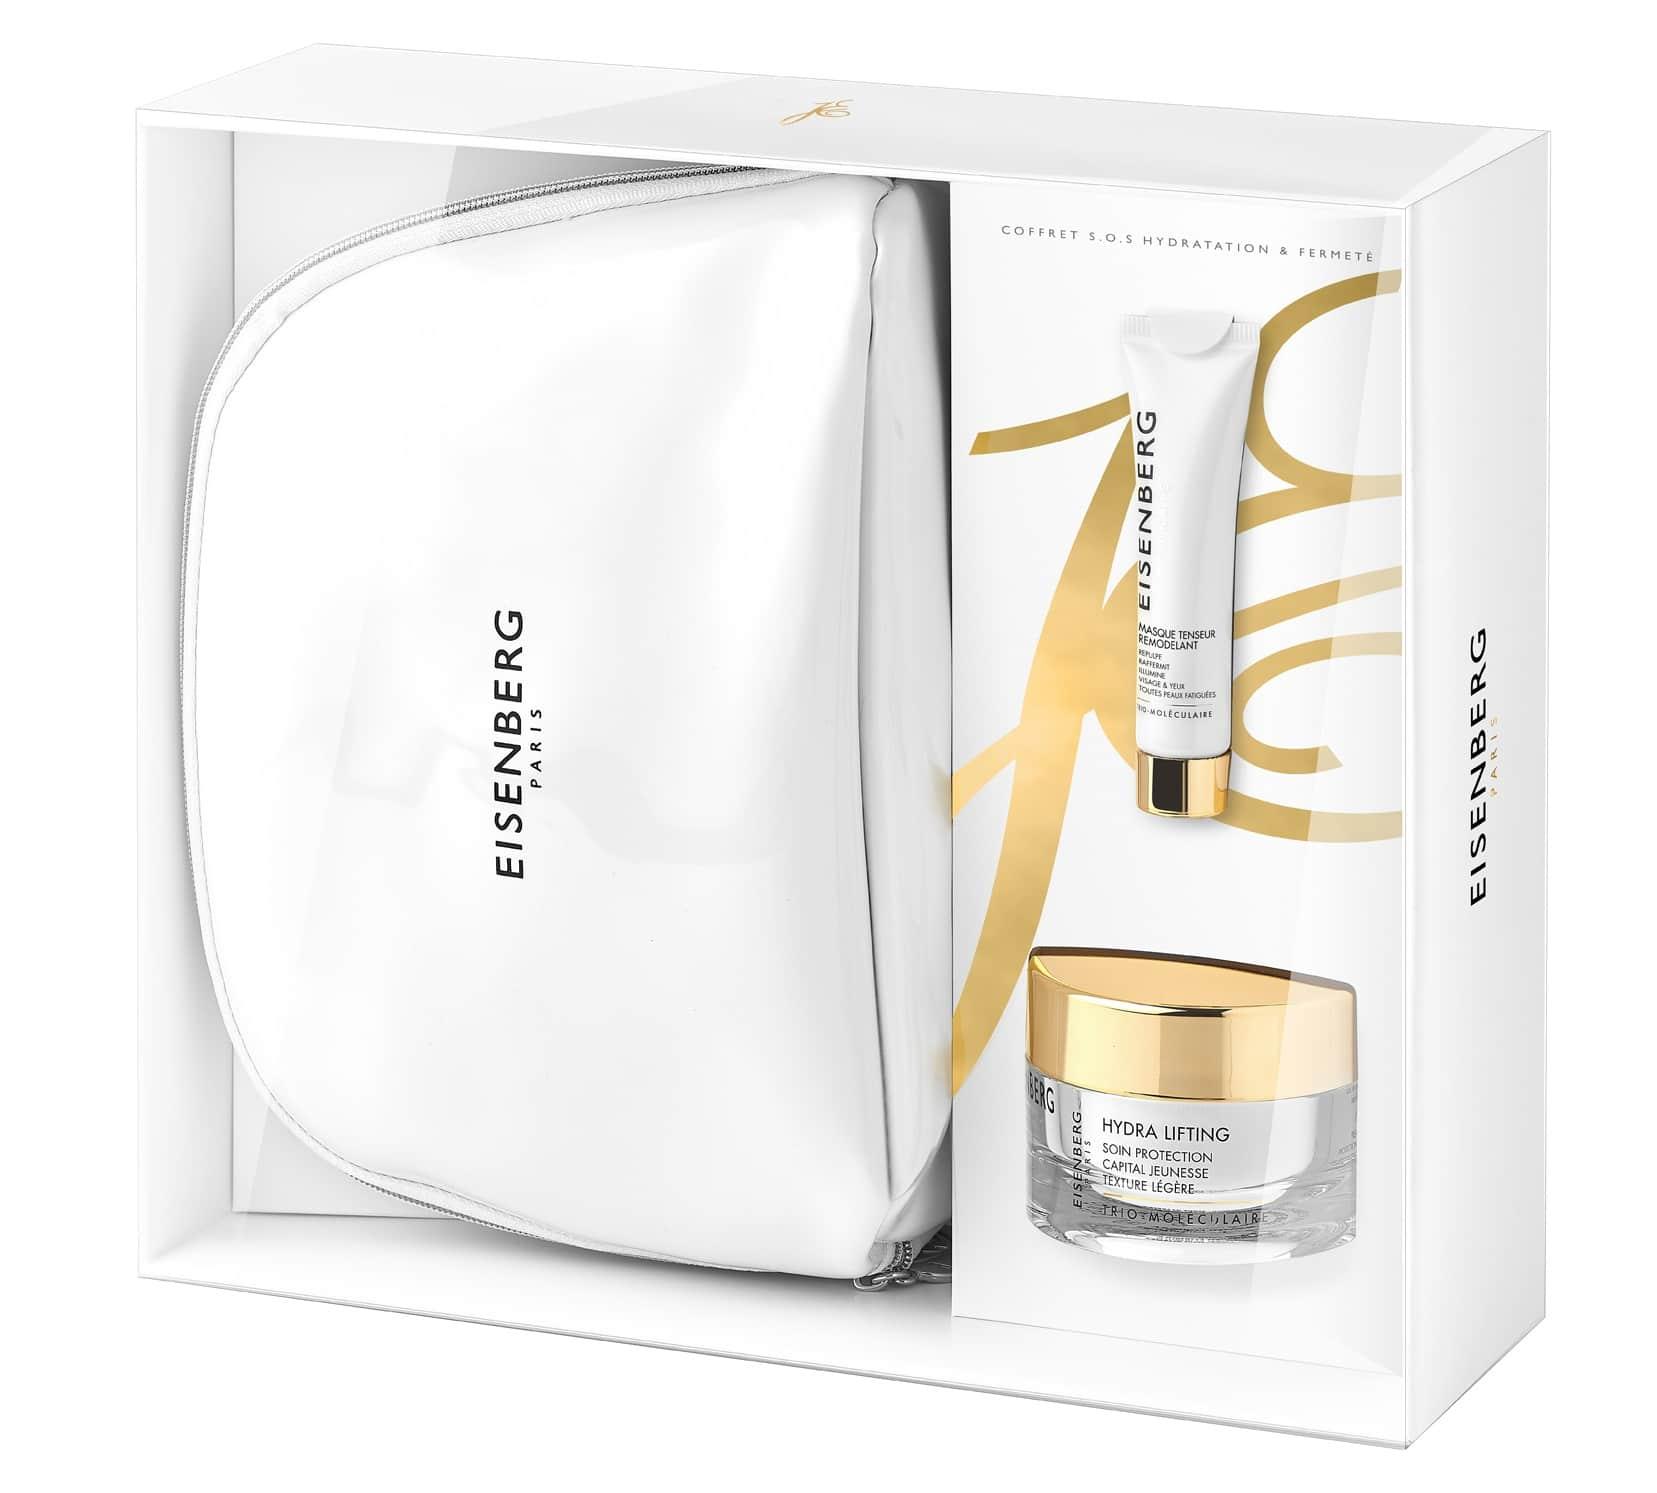 Idee regalo luxury - Cofanetti natalizi Eisenberg beauty e skincare - S.O.S. Idratazione & Compatezza: info, prezzi, dove acquistare